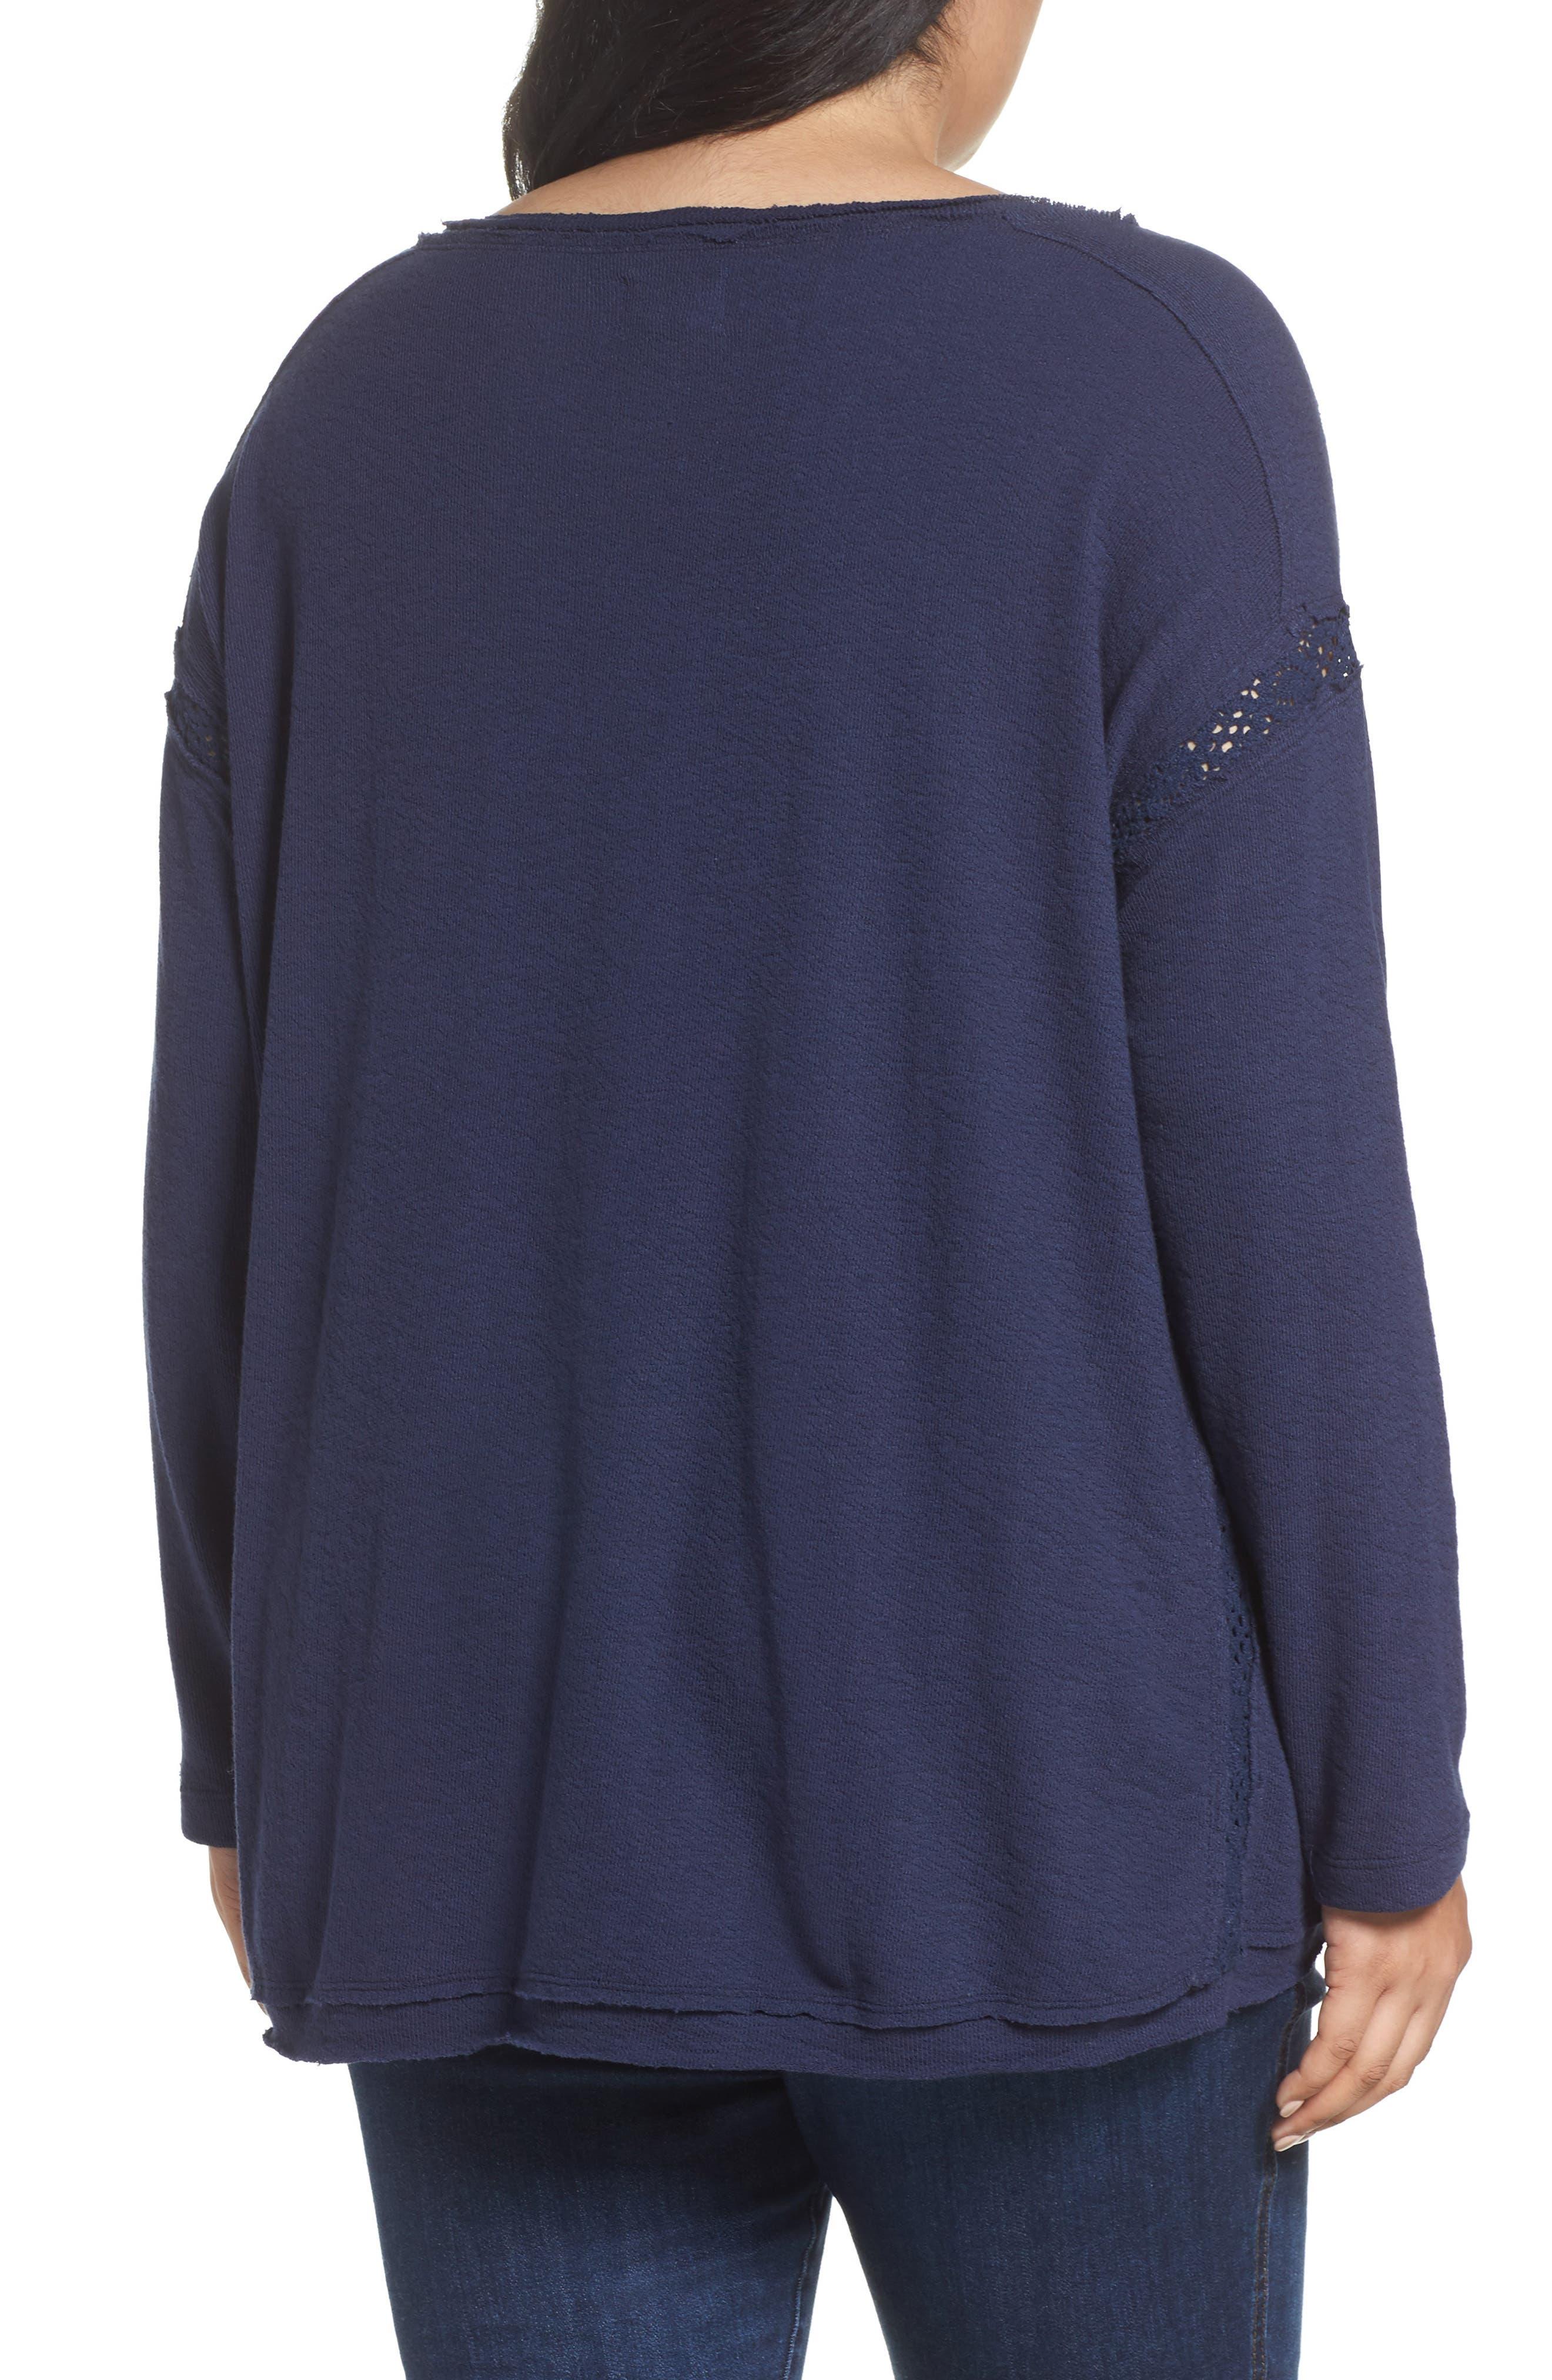 Alternate Image 2  - Caslon Lace Trim Sweatshirt (Plus Size)